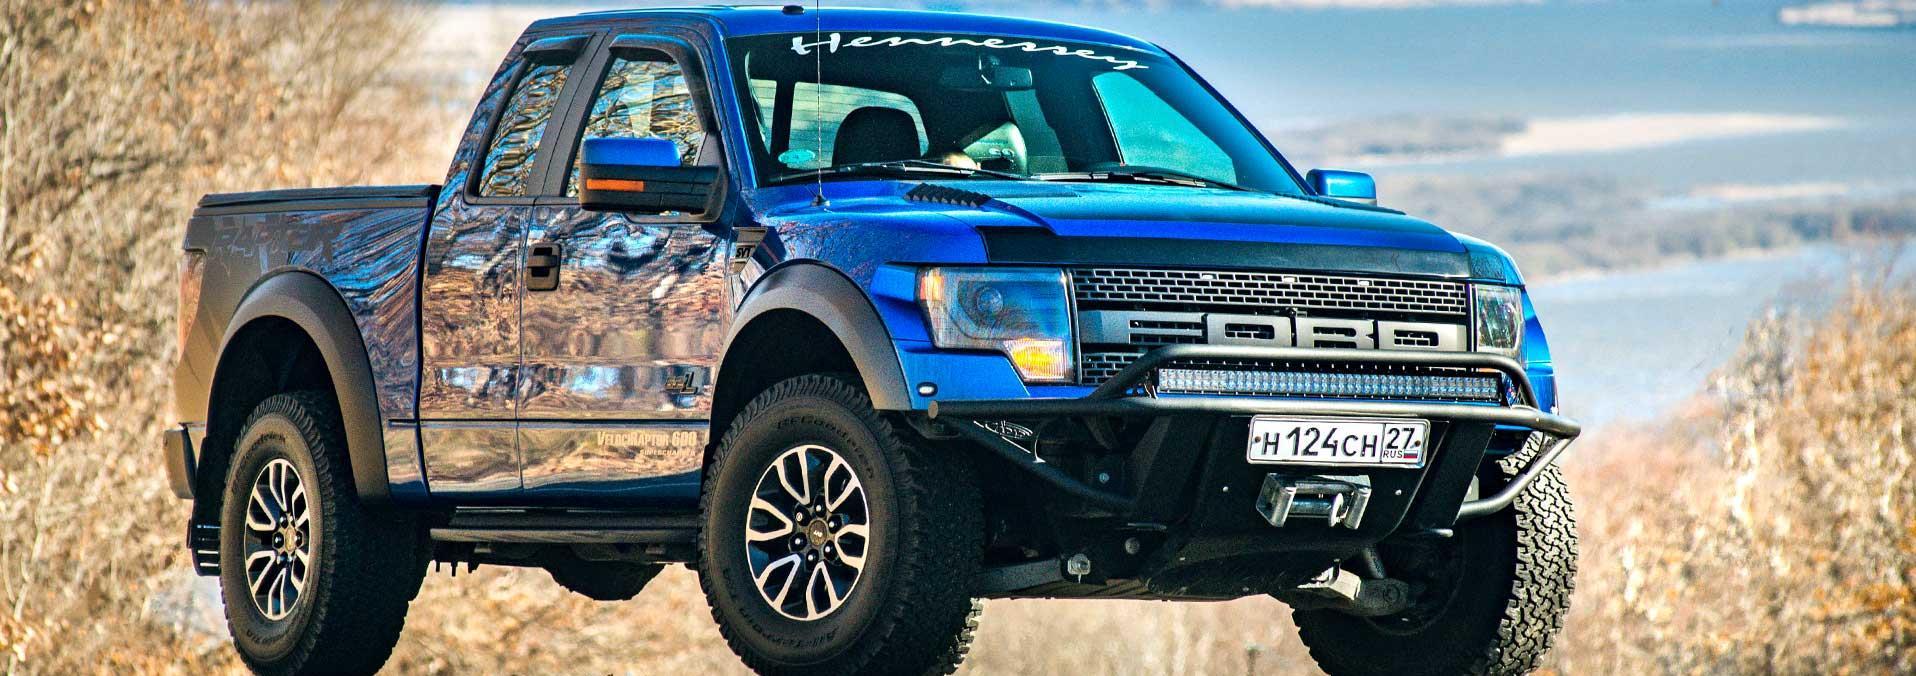 Autoland Gastonia Charlotte NC | New & Used Cars Trucks ...